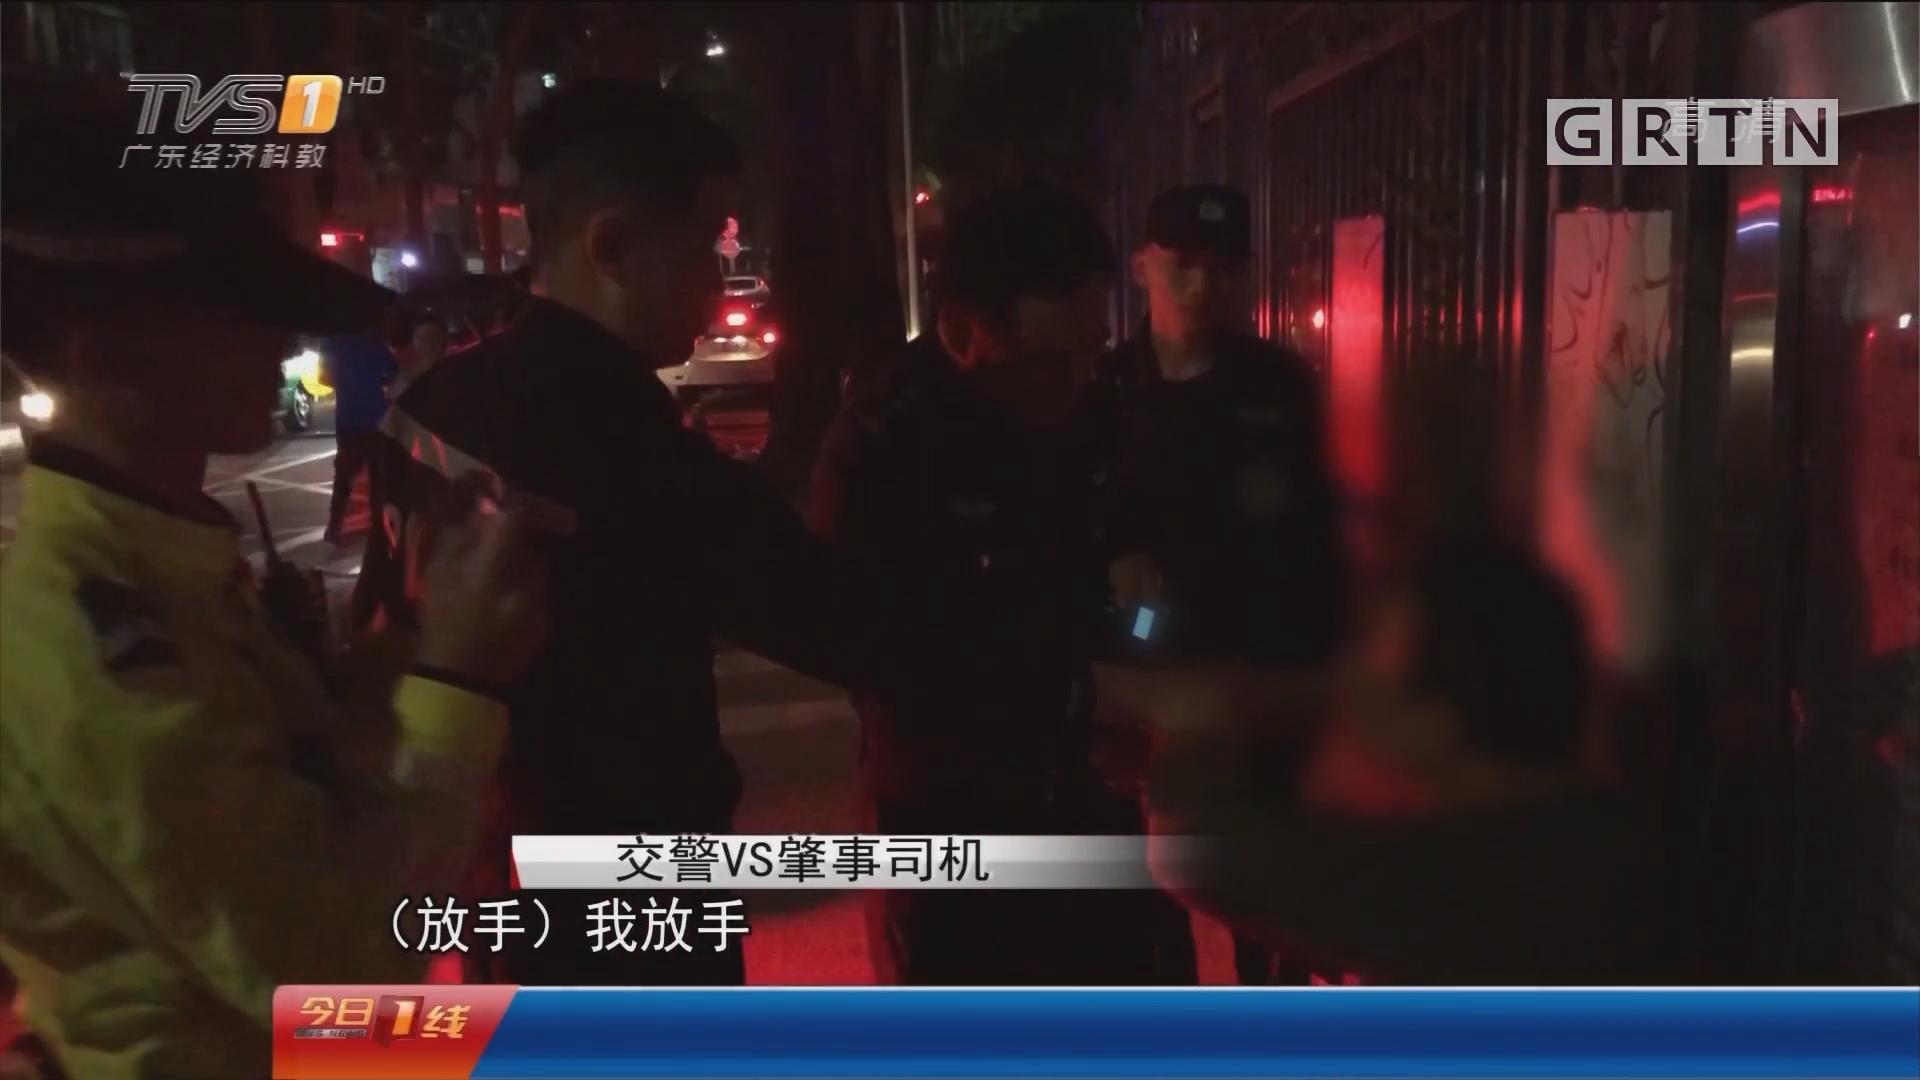 深圳宝安:警方抓获交通肇事逃逸司机